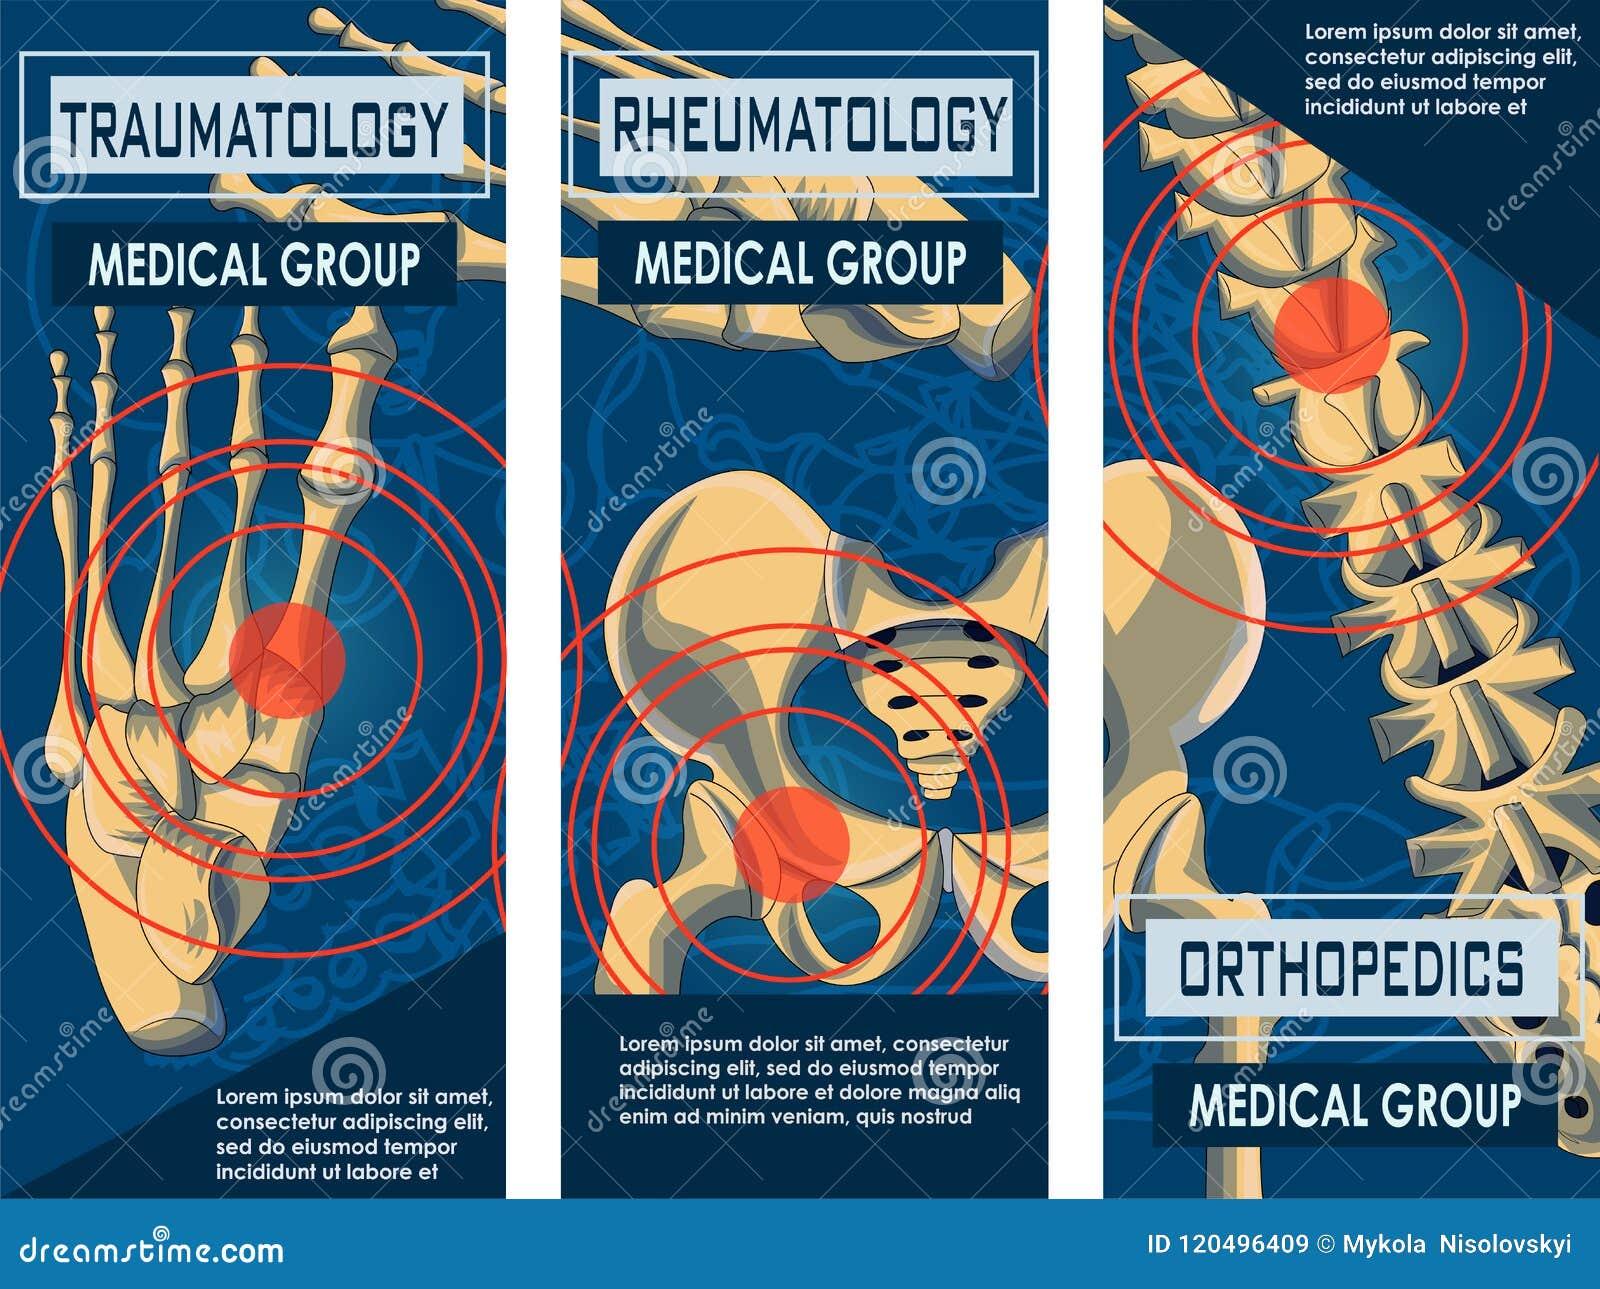 Bandeira da reumatologia, da ortopedia e do Traumatology